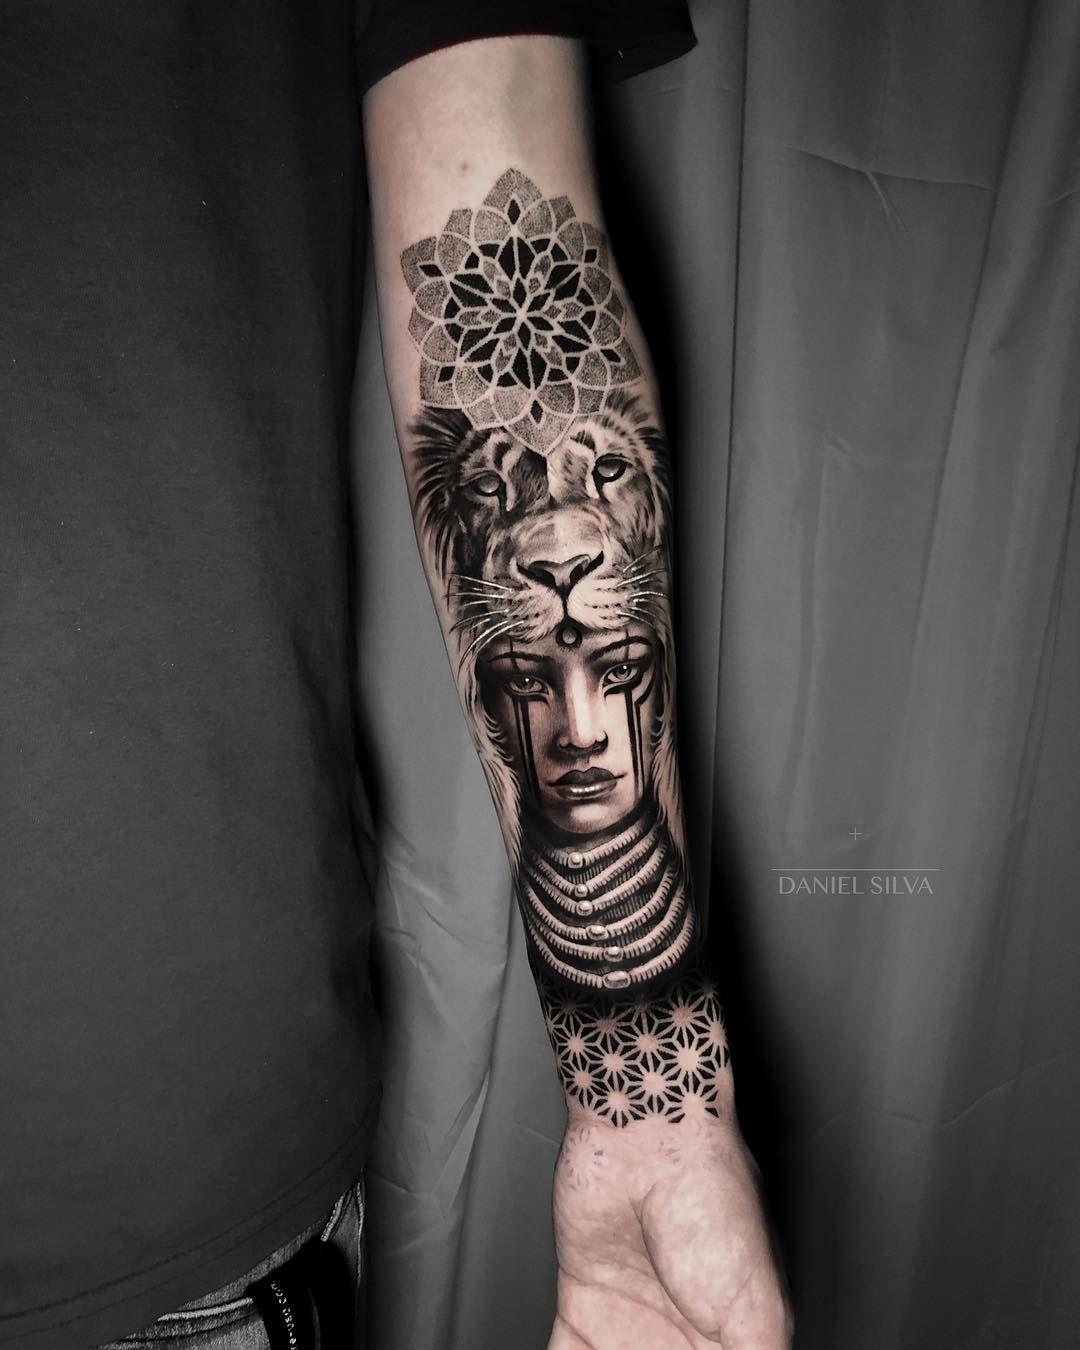 Leo Lion Tattoo Tattoo Ideas and Inspiration Daniel